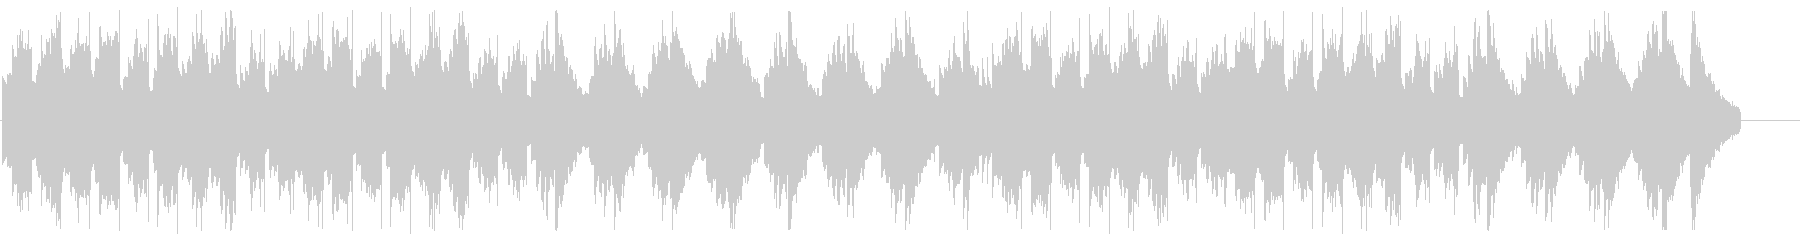 エレピとグロッケン系の音によるバラードの未再生の波形